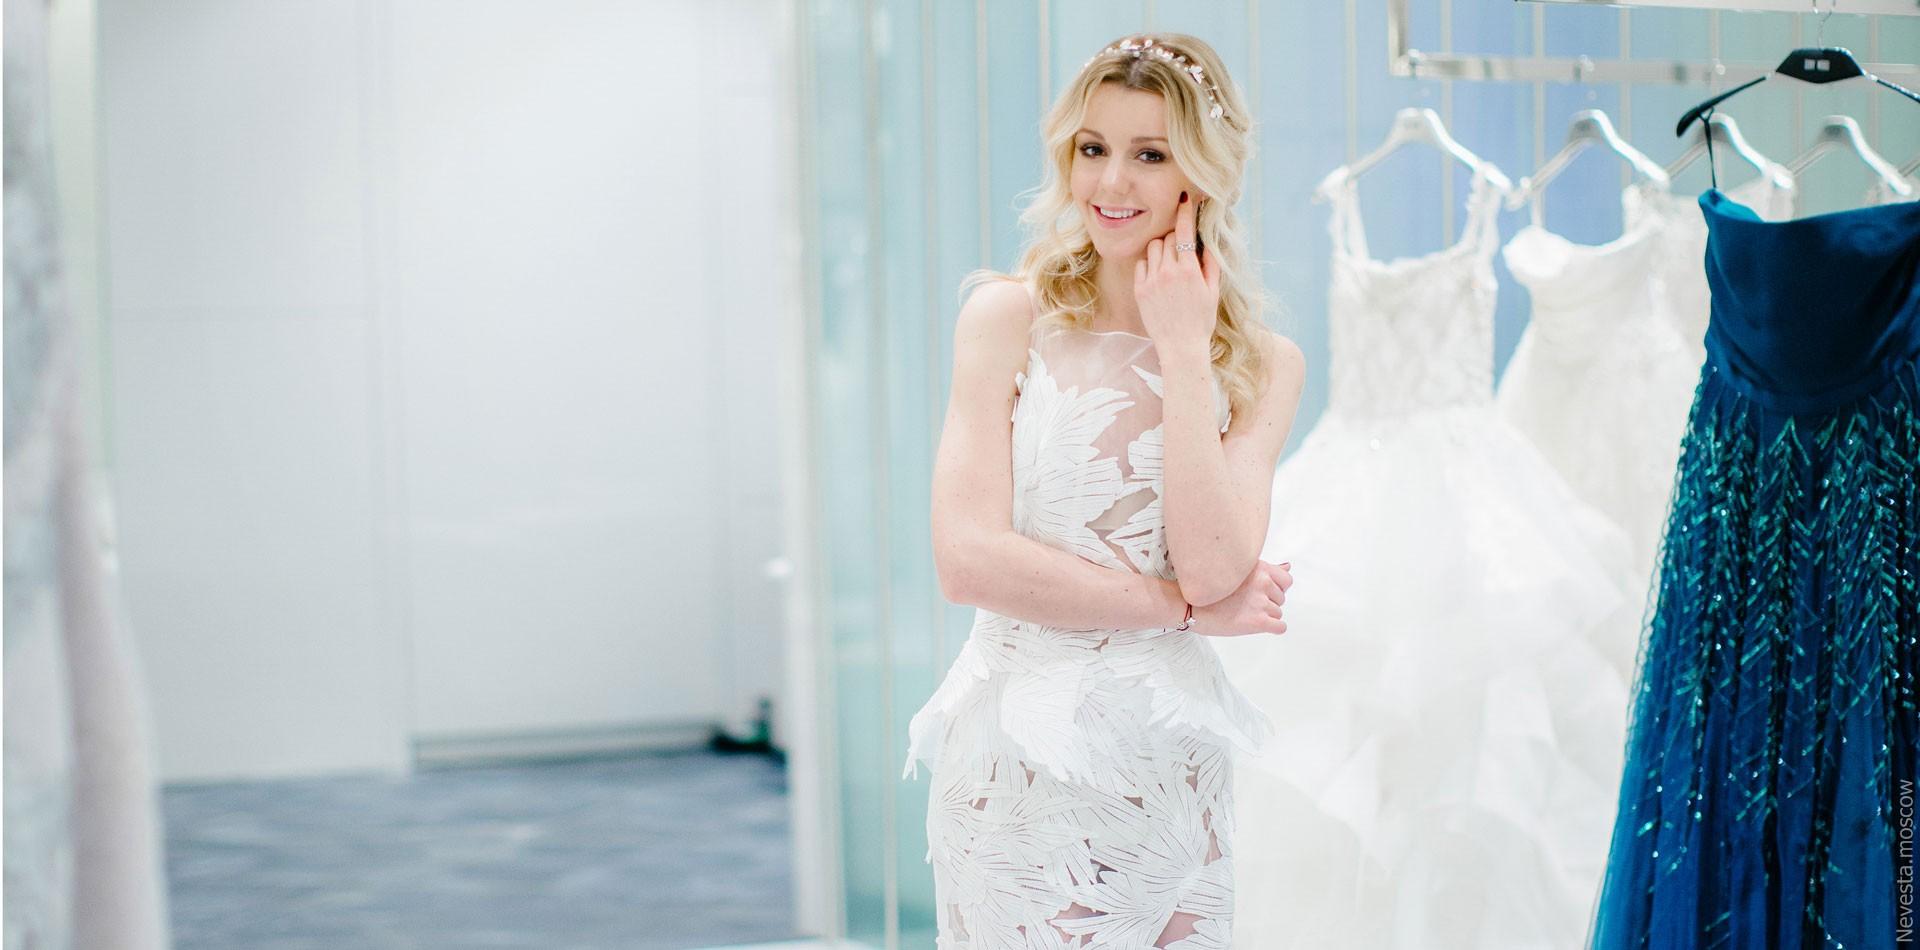 Юлианна Караулова примеряет образ для весенней свадьбы фото 9